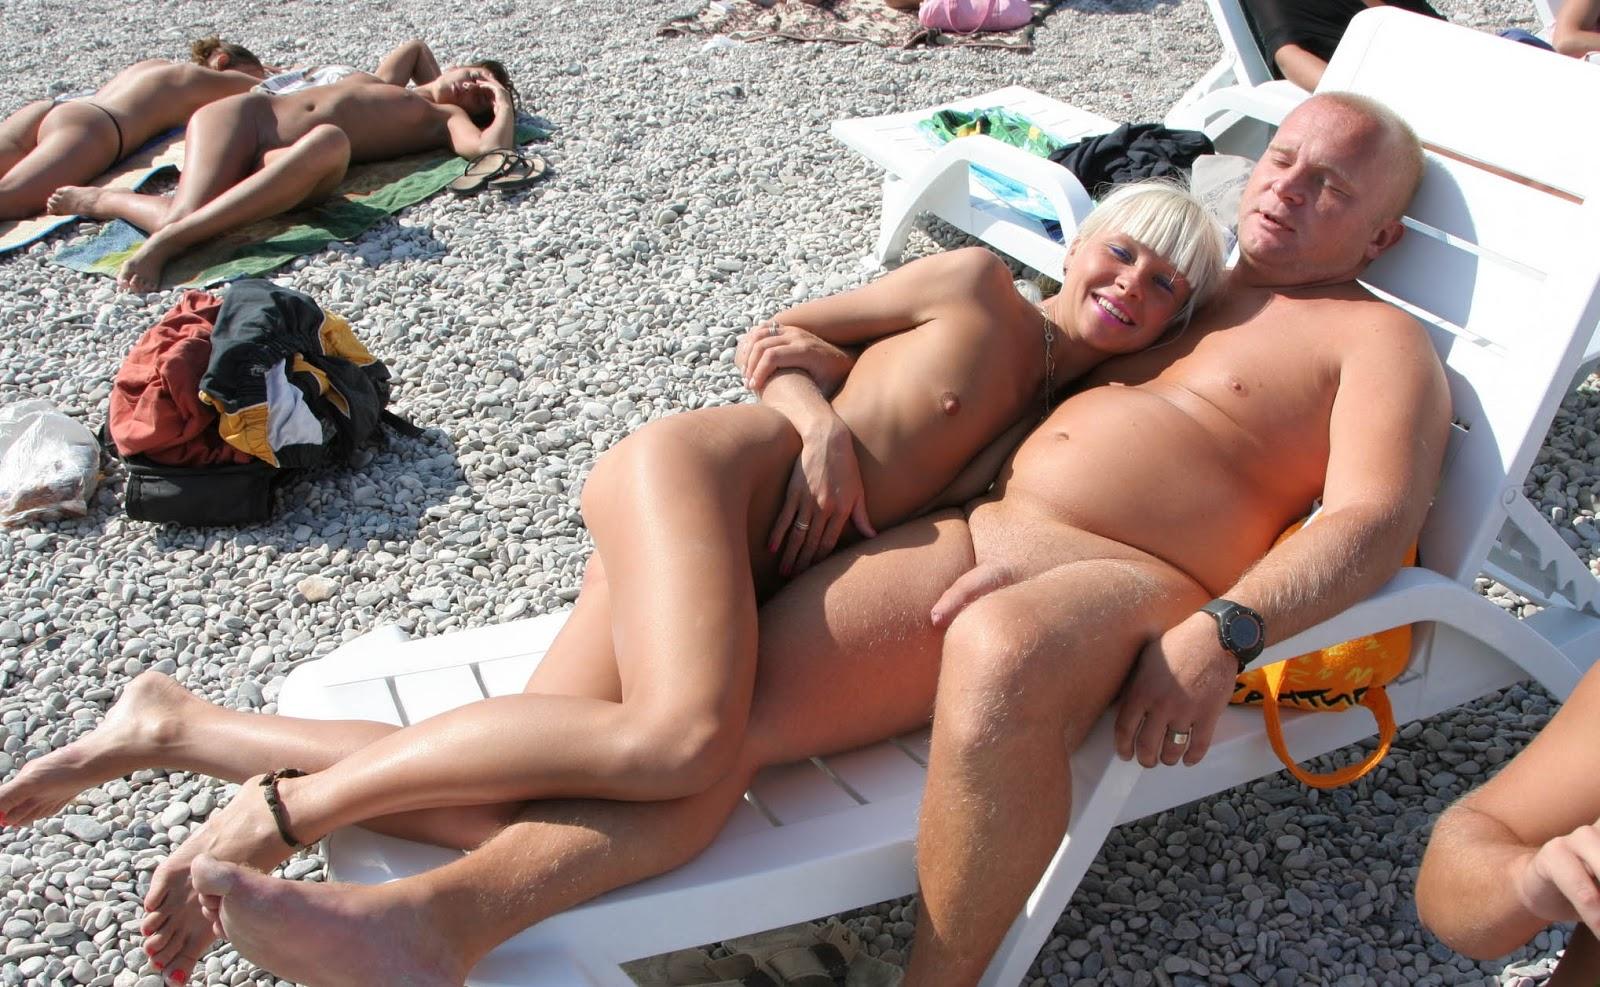 Nudist voyeur pics mine